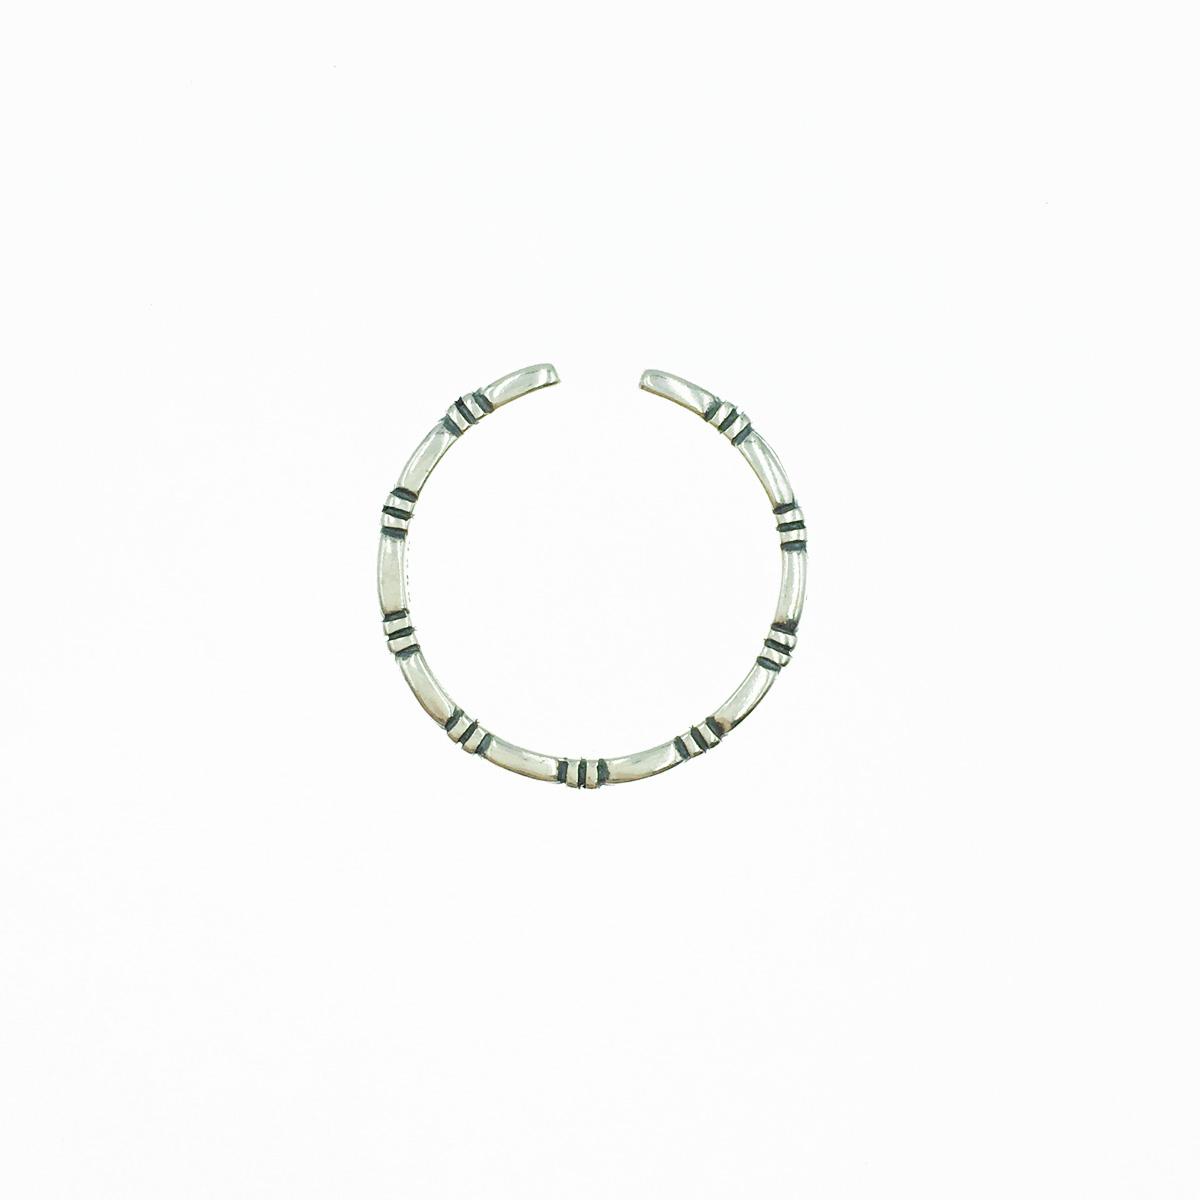 韓國 925純銀 金屬 歐美風 可調式 戒指